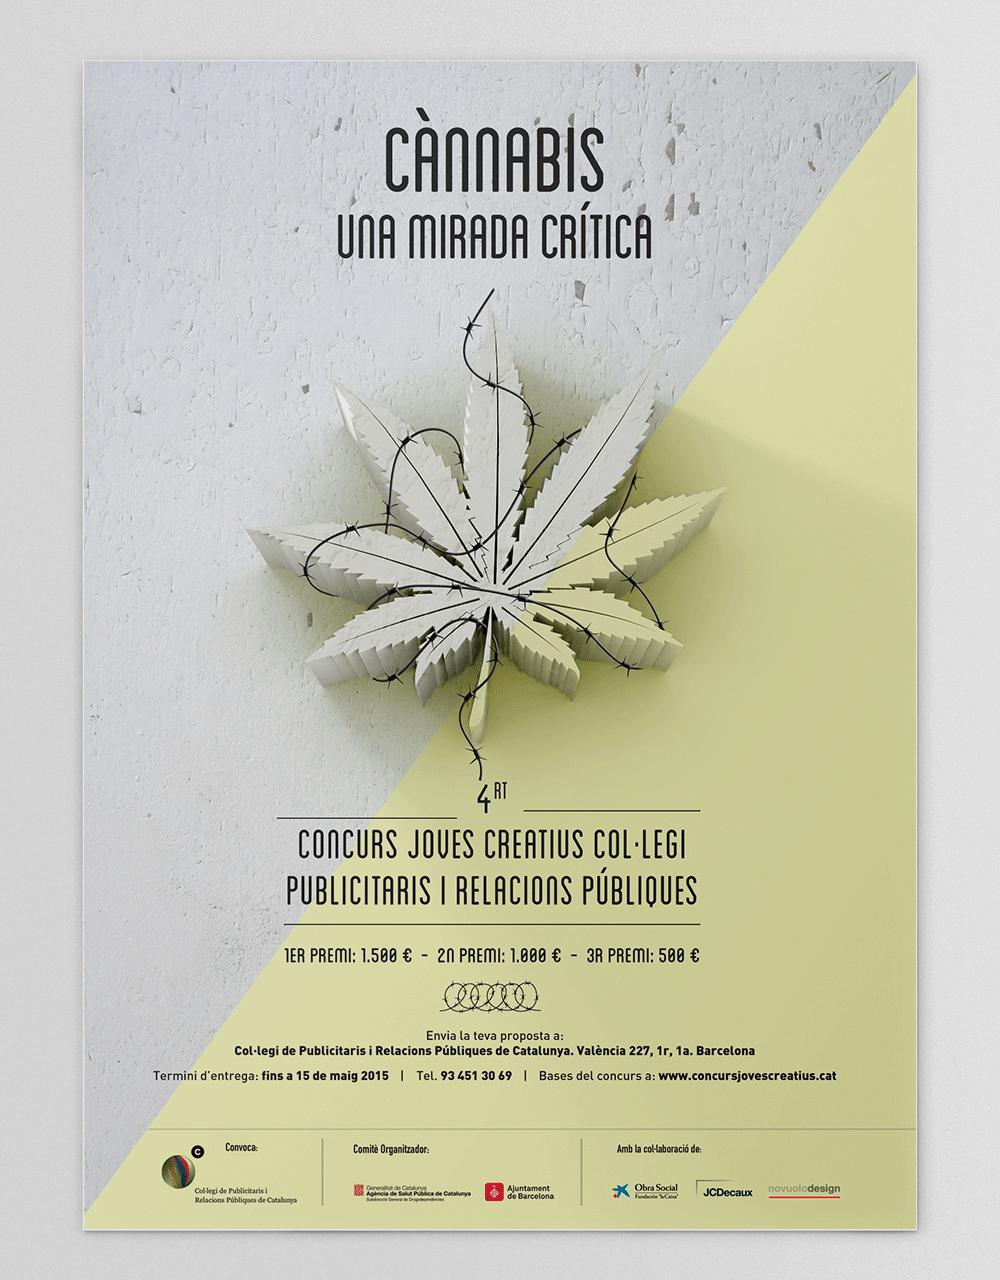 Posters_ConcursJovesCreatius_Publicistes_Cannabis_UnaMiradaCritica